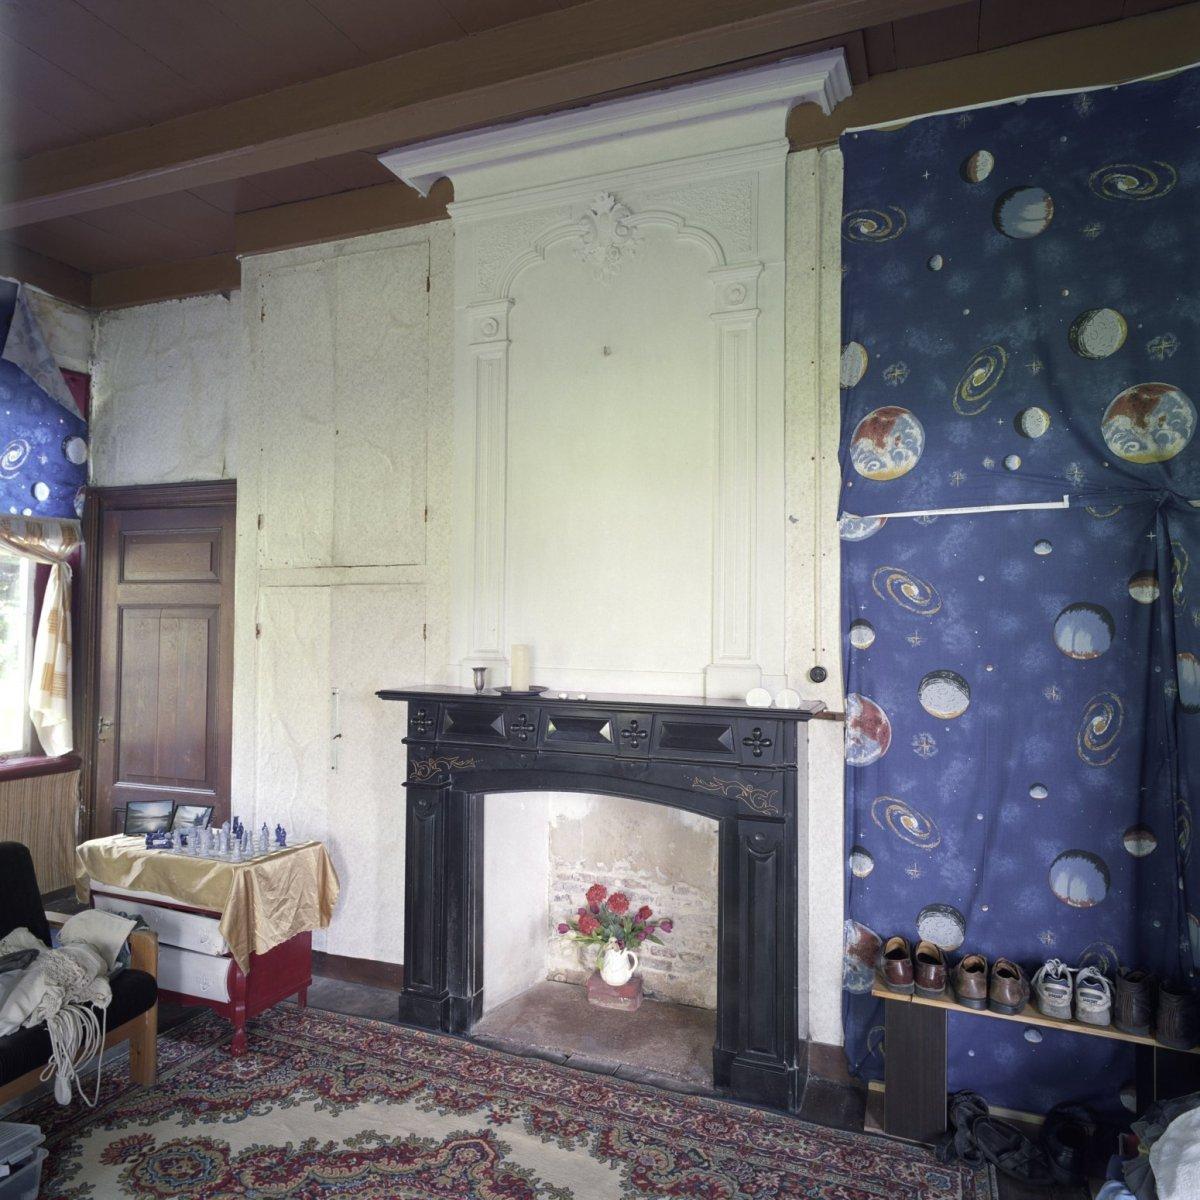 File:Interieur woonhuis, schouw in slaapkamer - Winterswijk ...